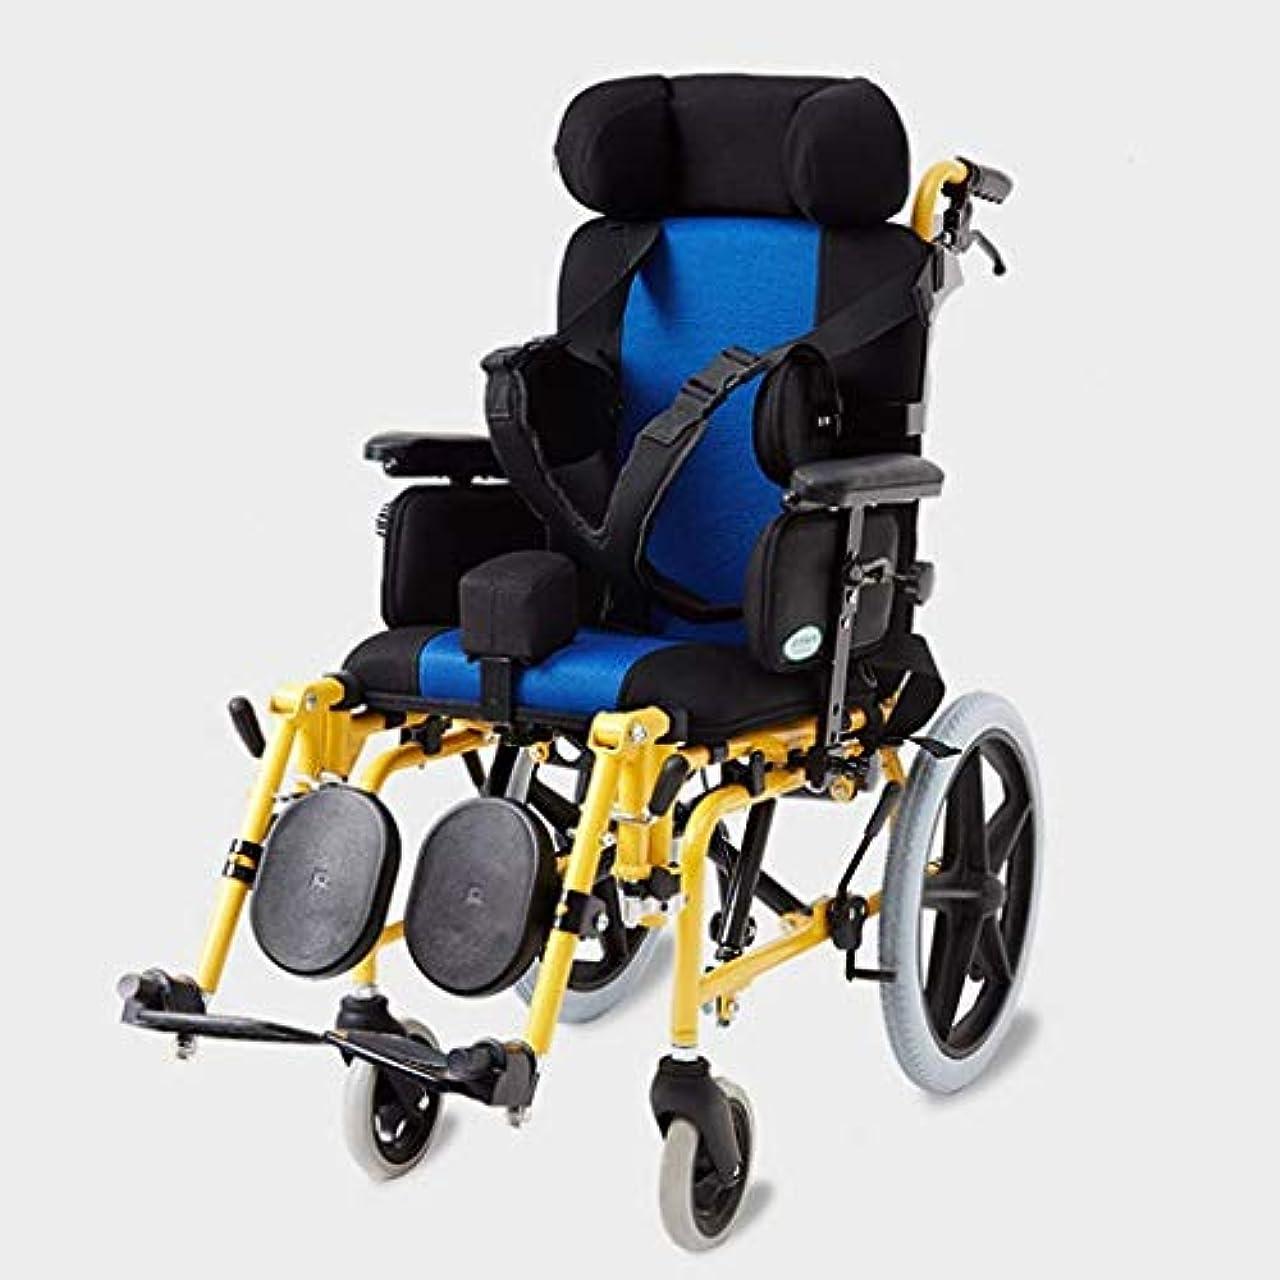 モネつまらない可能にする車いす多機能フル?レイ/セミ横たわっデザイン、マニュアル脳性麻痺、子供、軽量折りたたみ交通旅行自走式ウォーカー